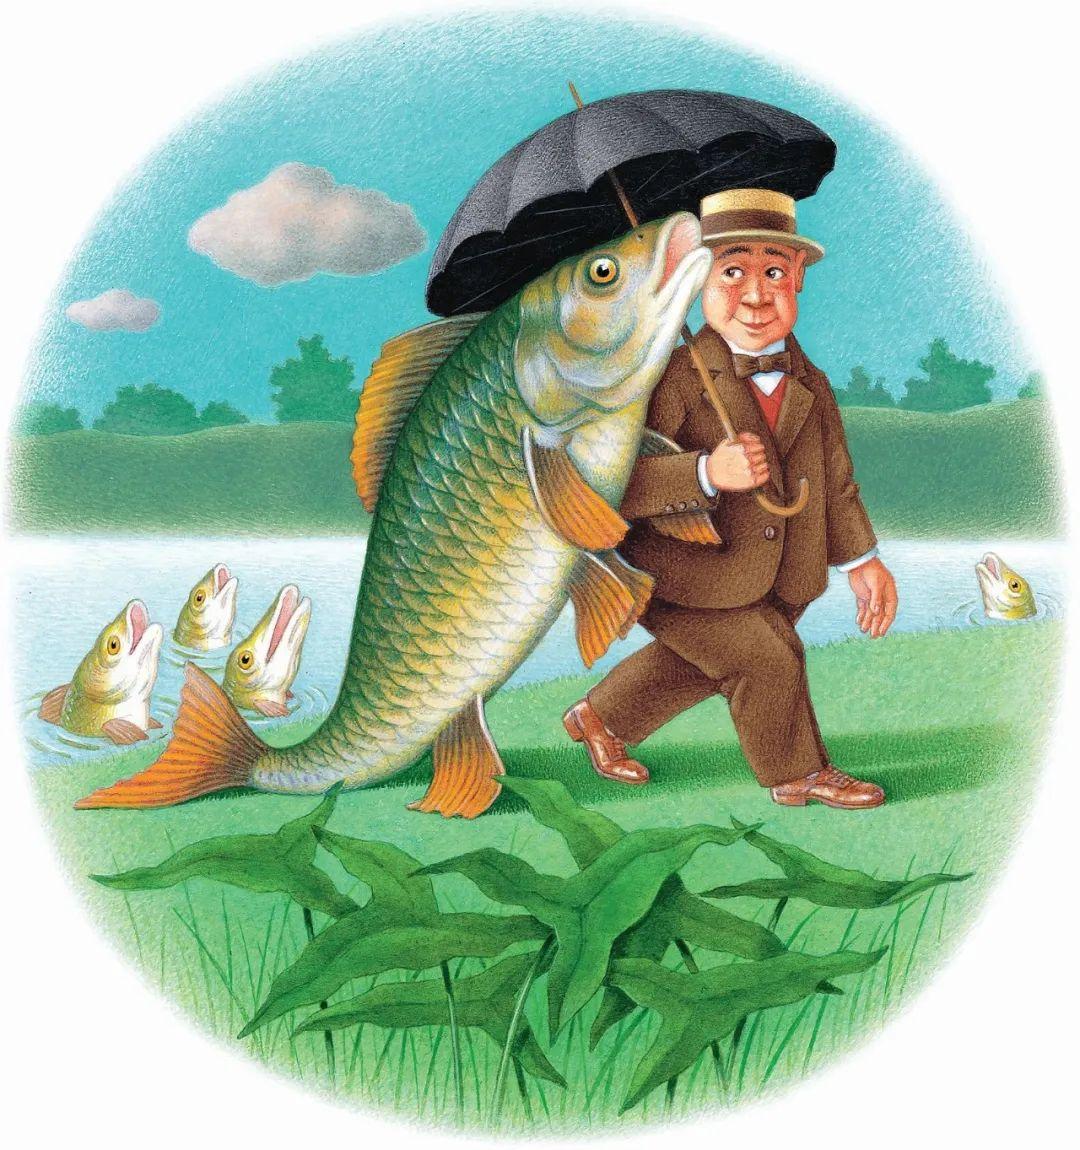 亨利·加莱龙作品,摘自《想和鱼一起走的人》